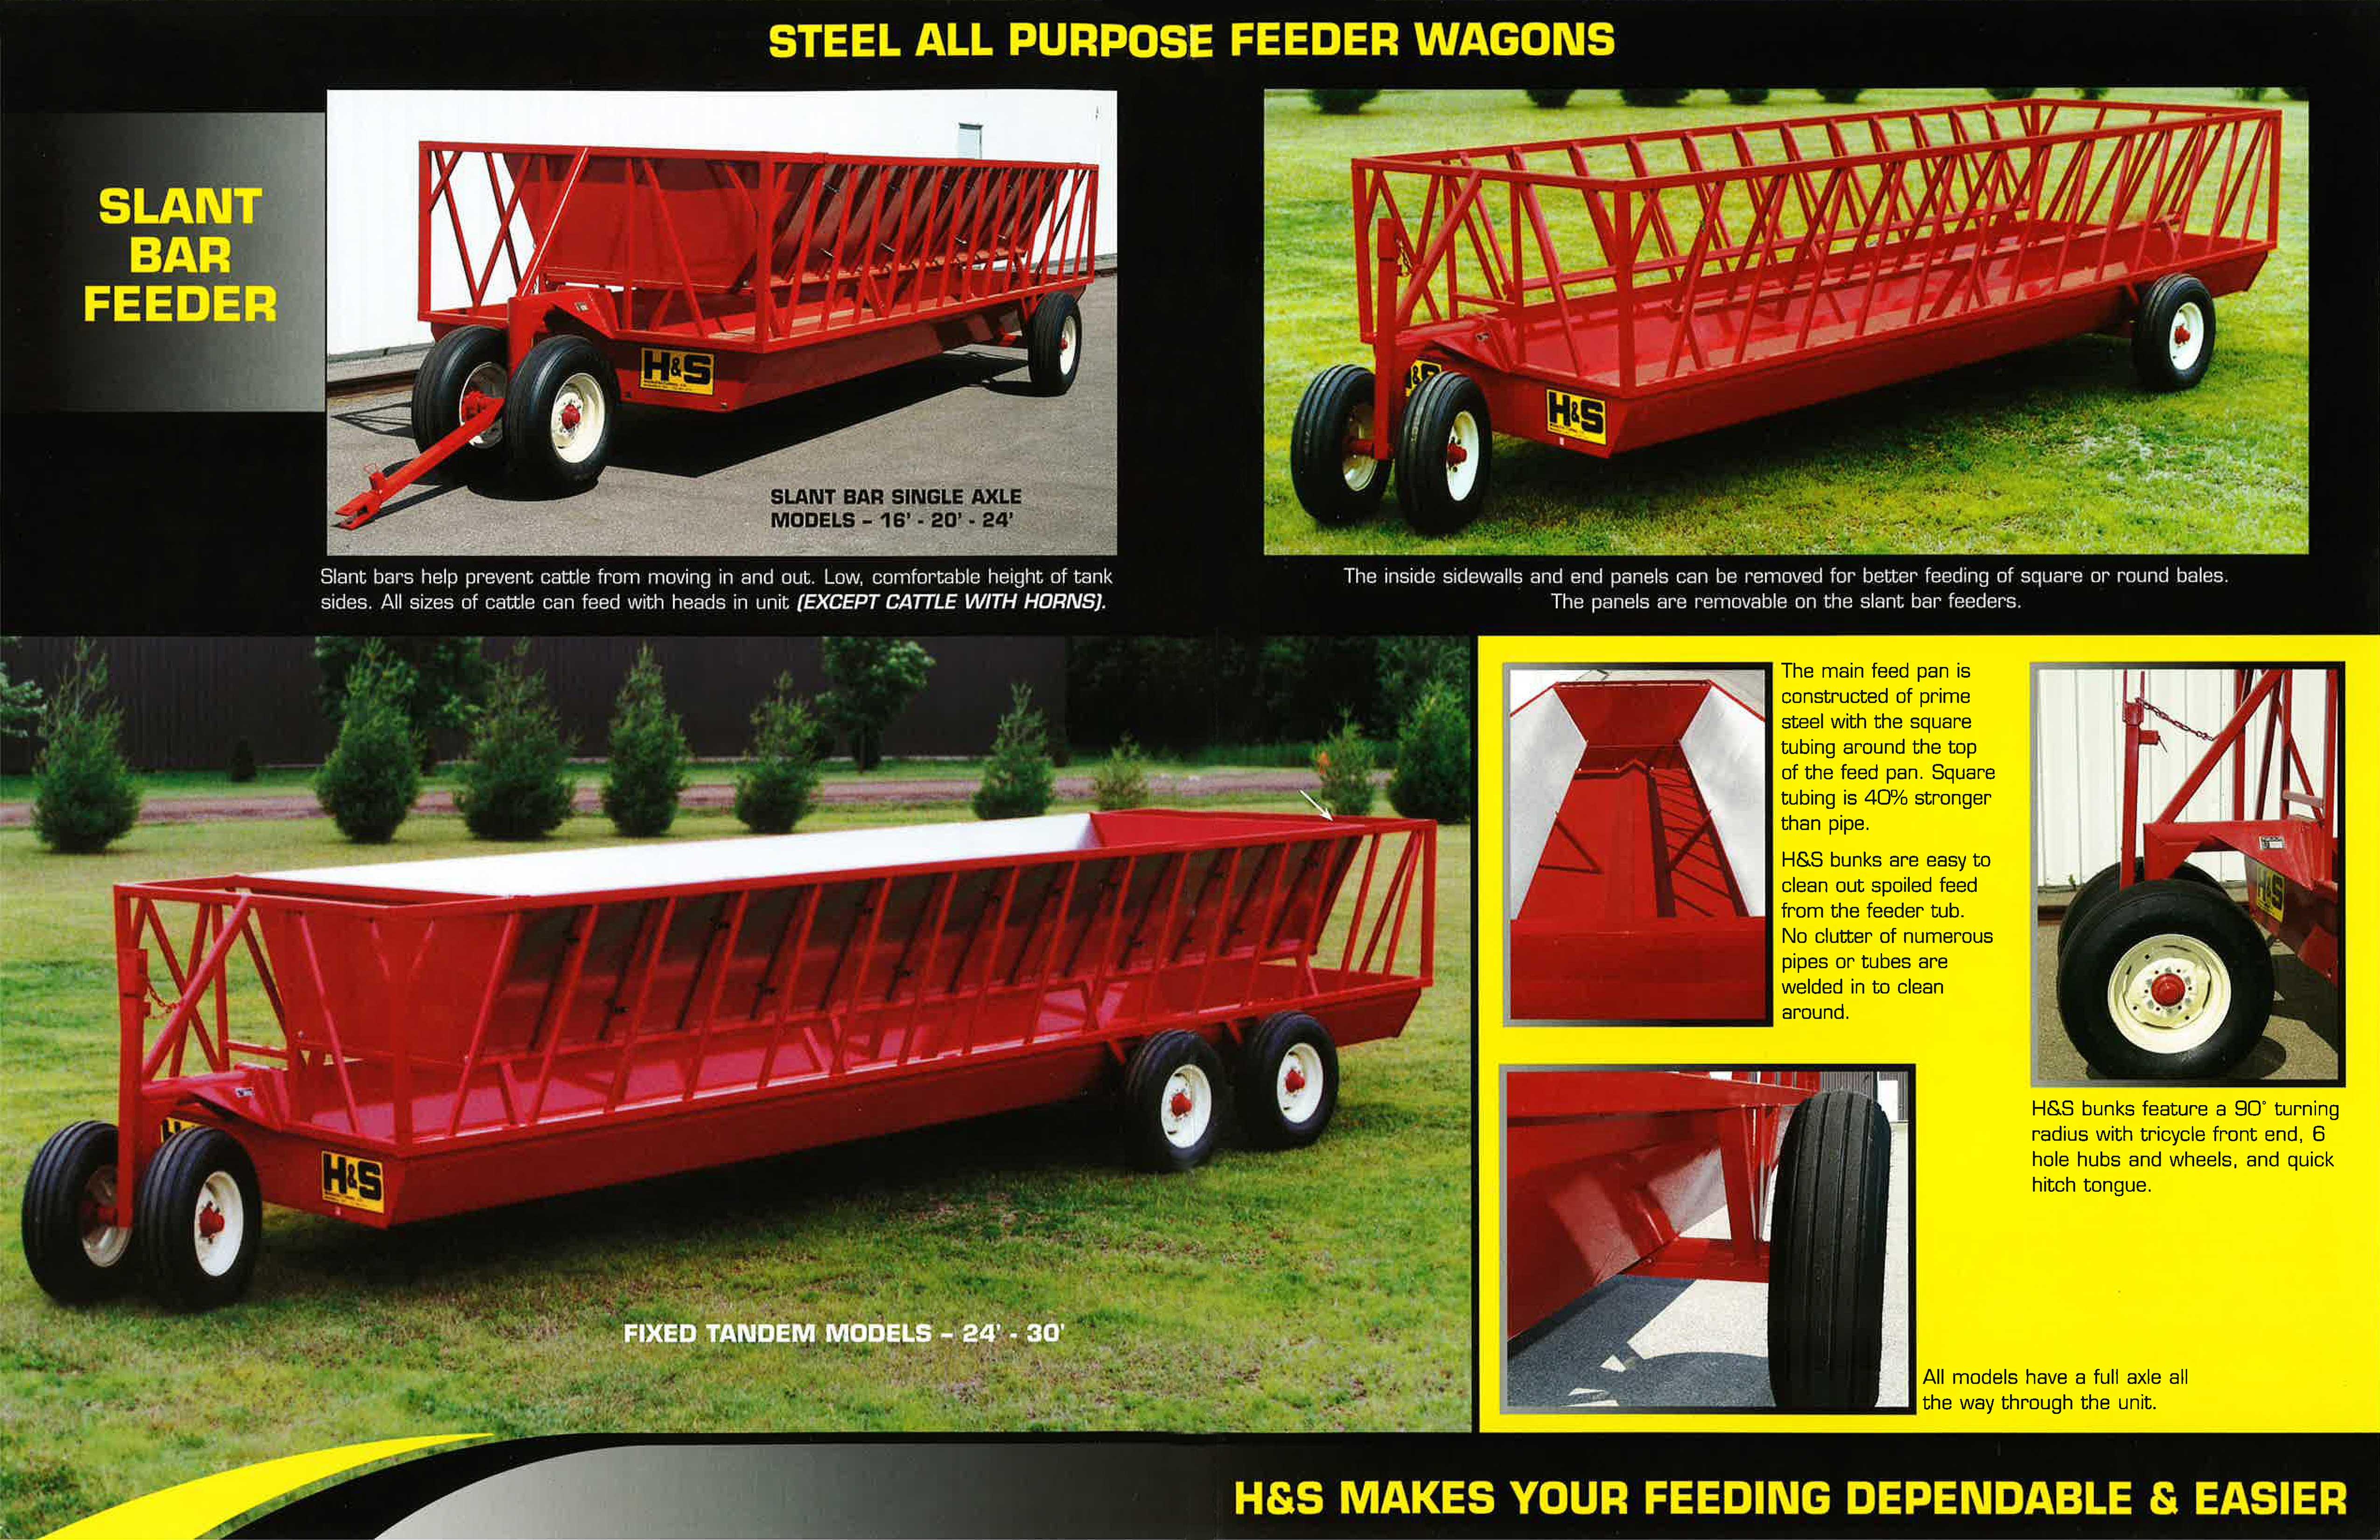 H&S Feeder Wagon